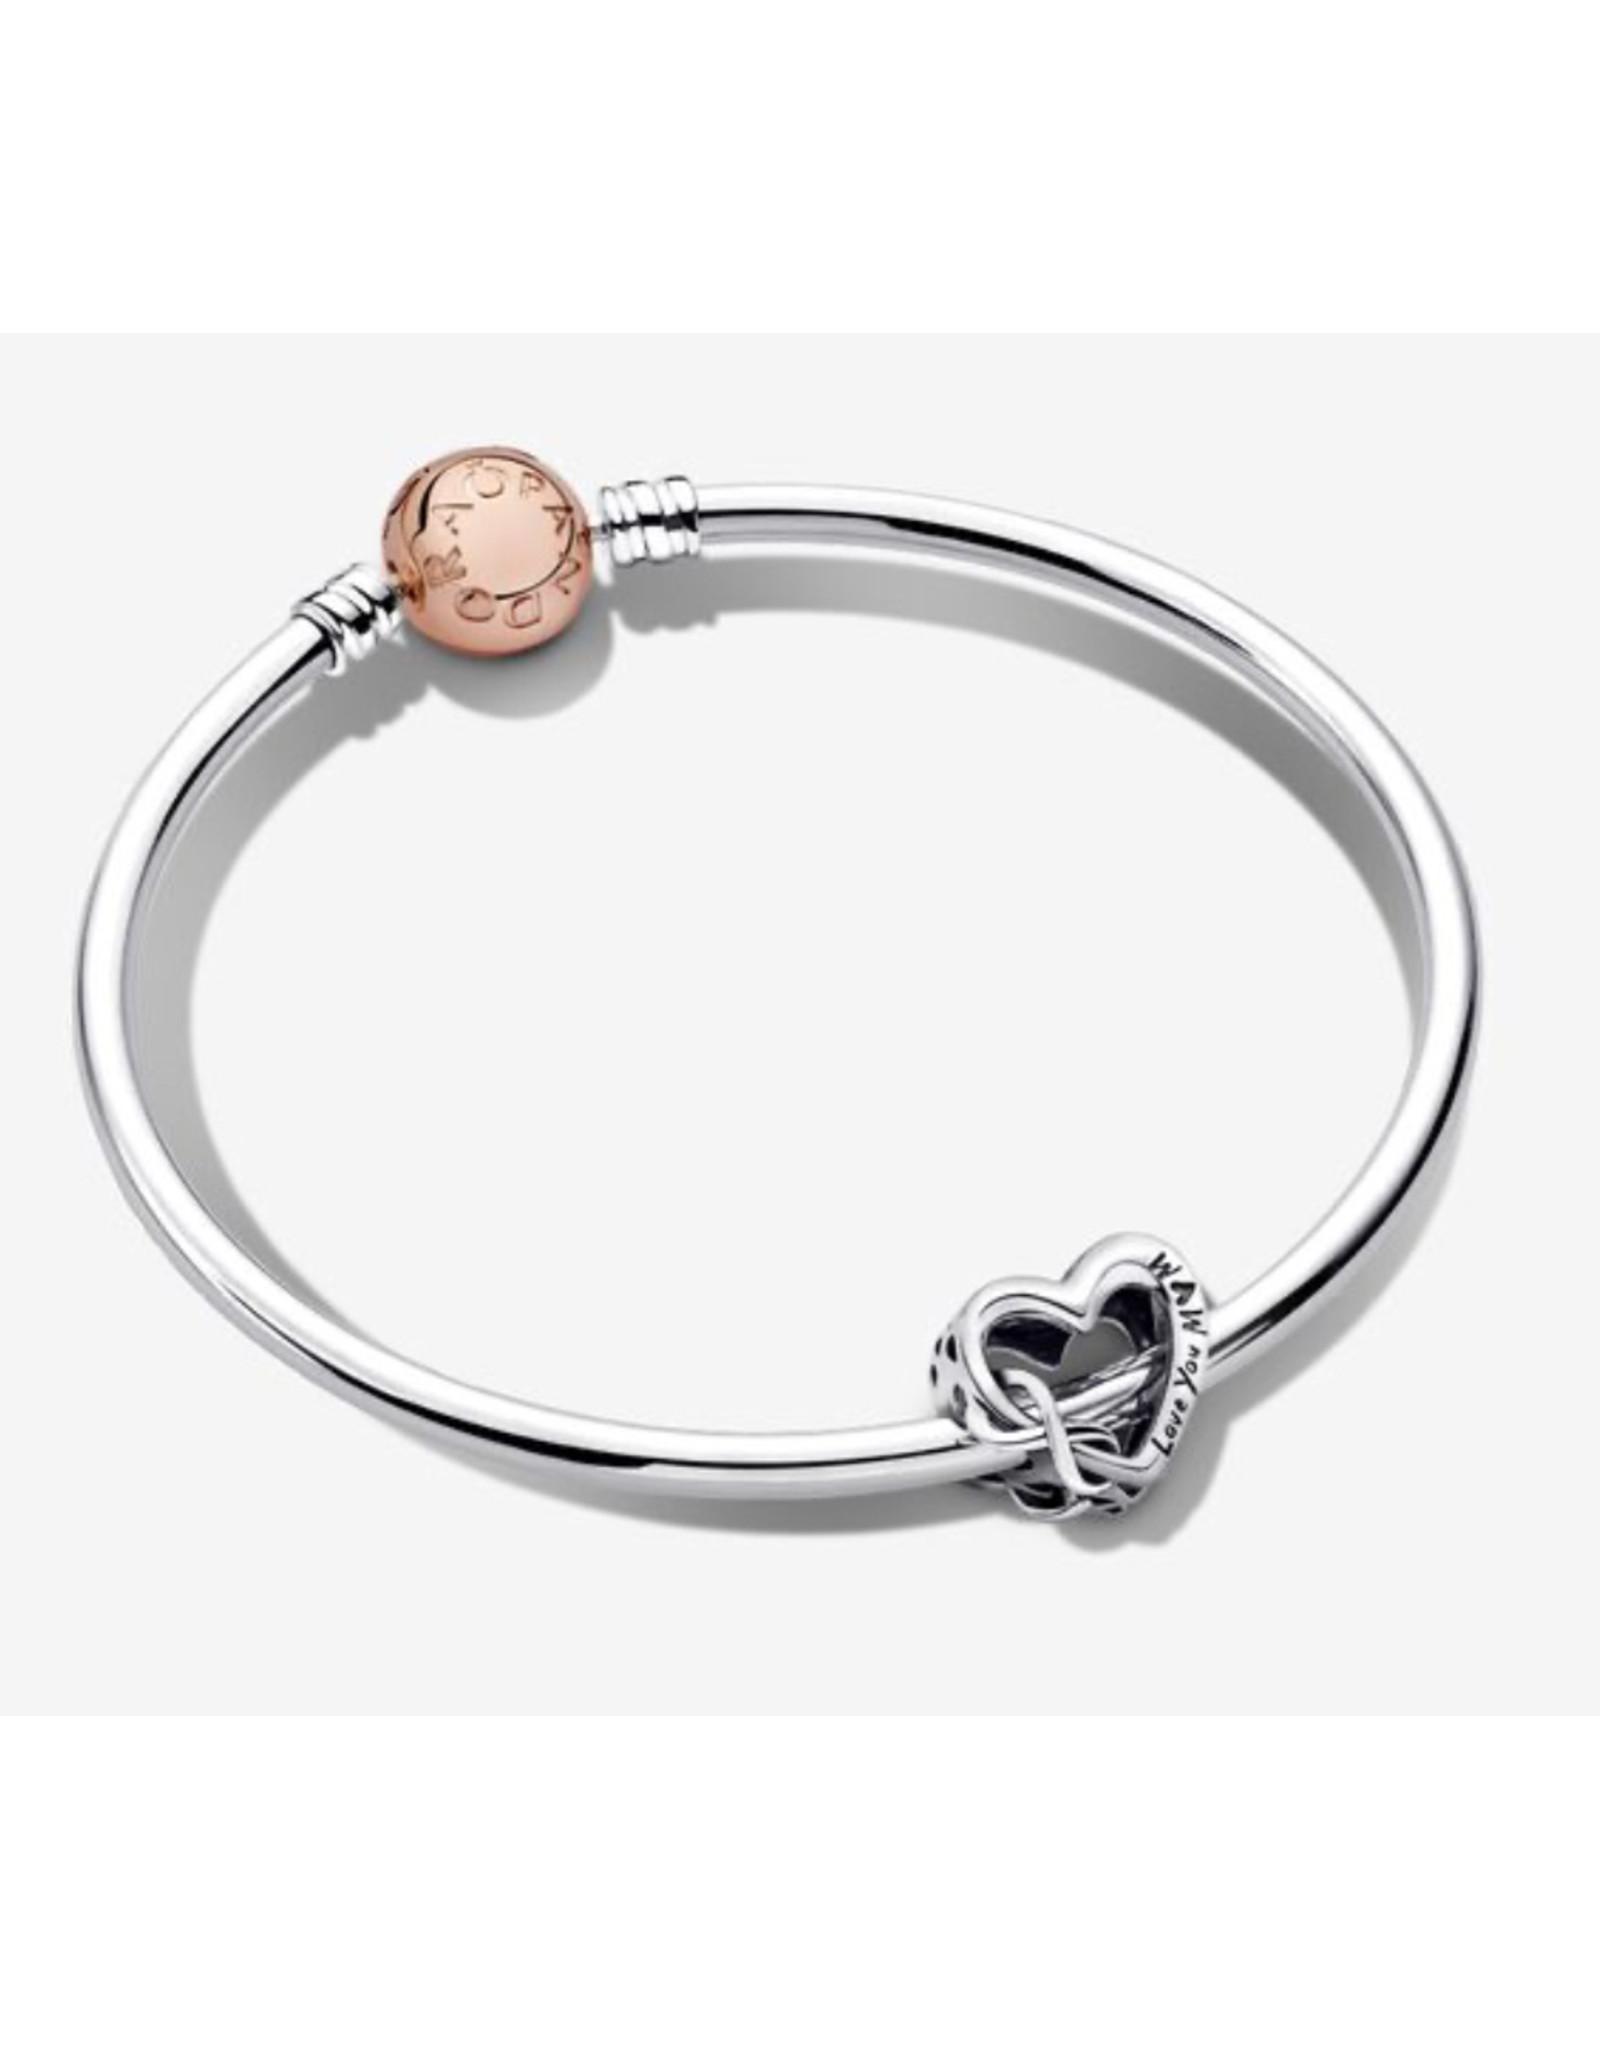 Pandora Pandora Gift Set,B801531-19,My Whole Heart Bangle